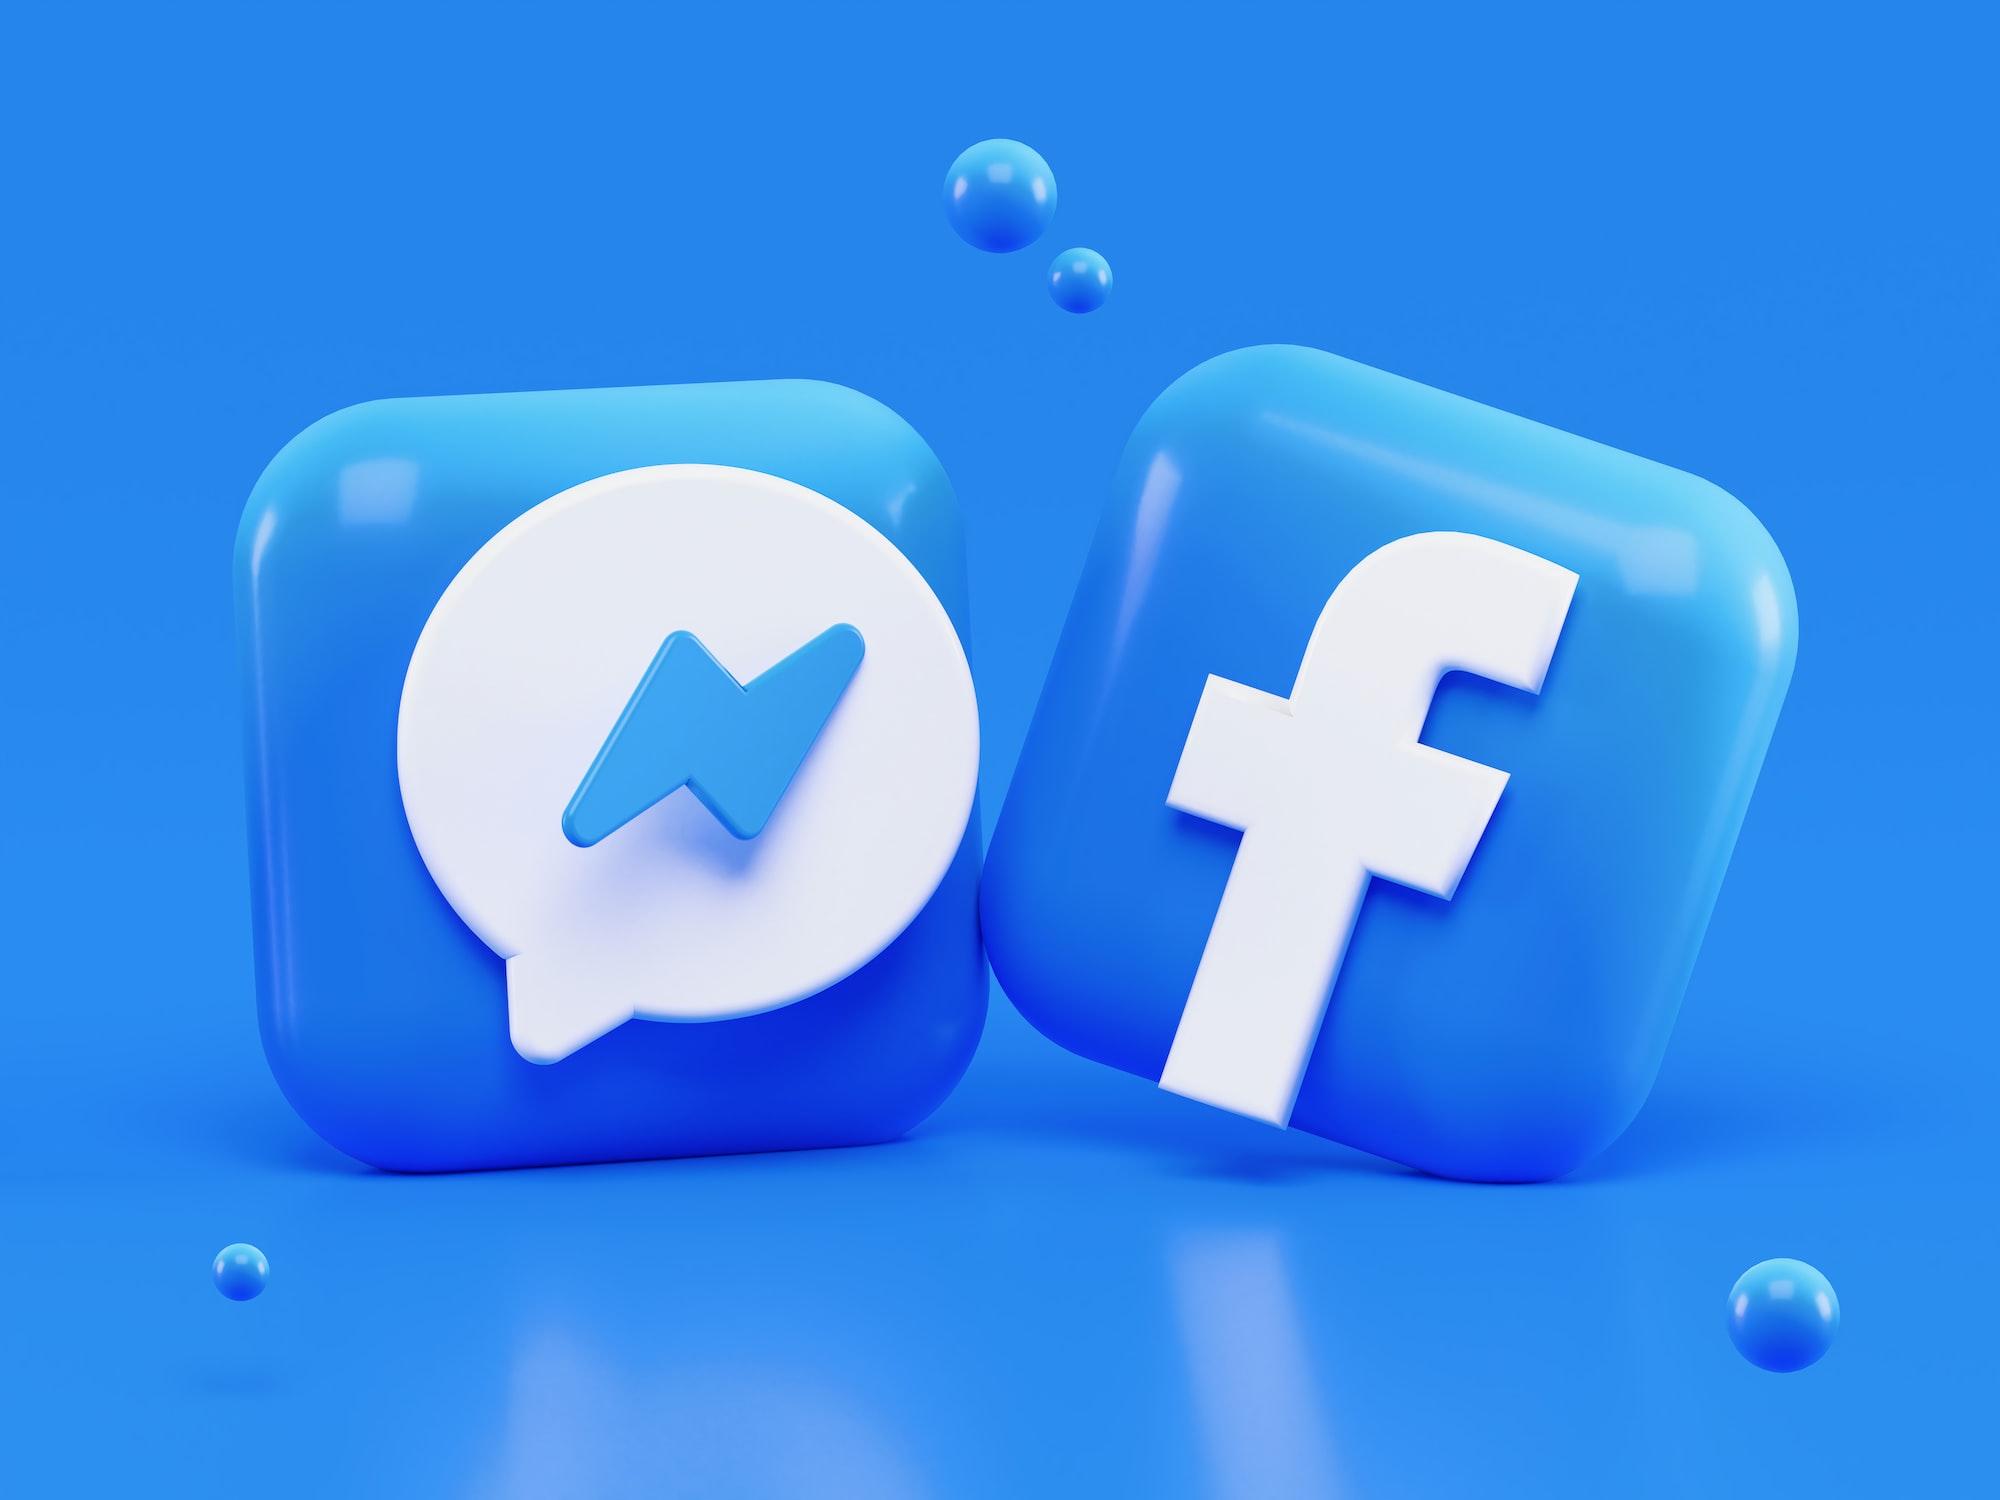 В сторис Facebook появится монетизация